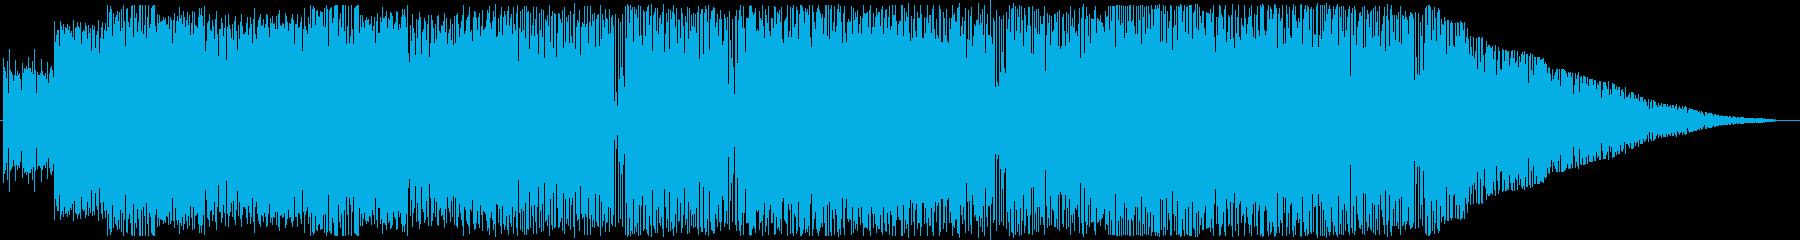 Latin 技術的な 感情的 静か...の再生済みの波形